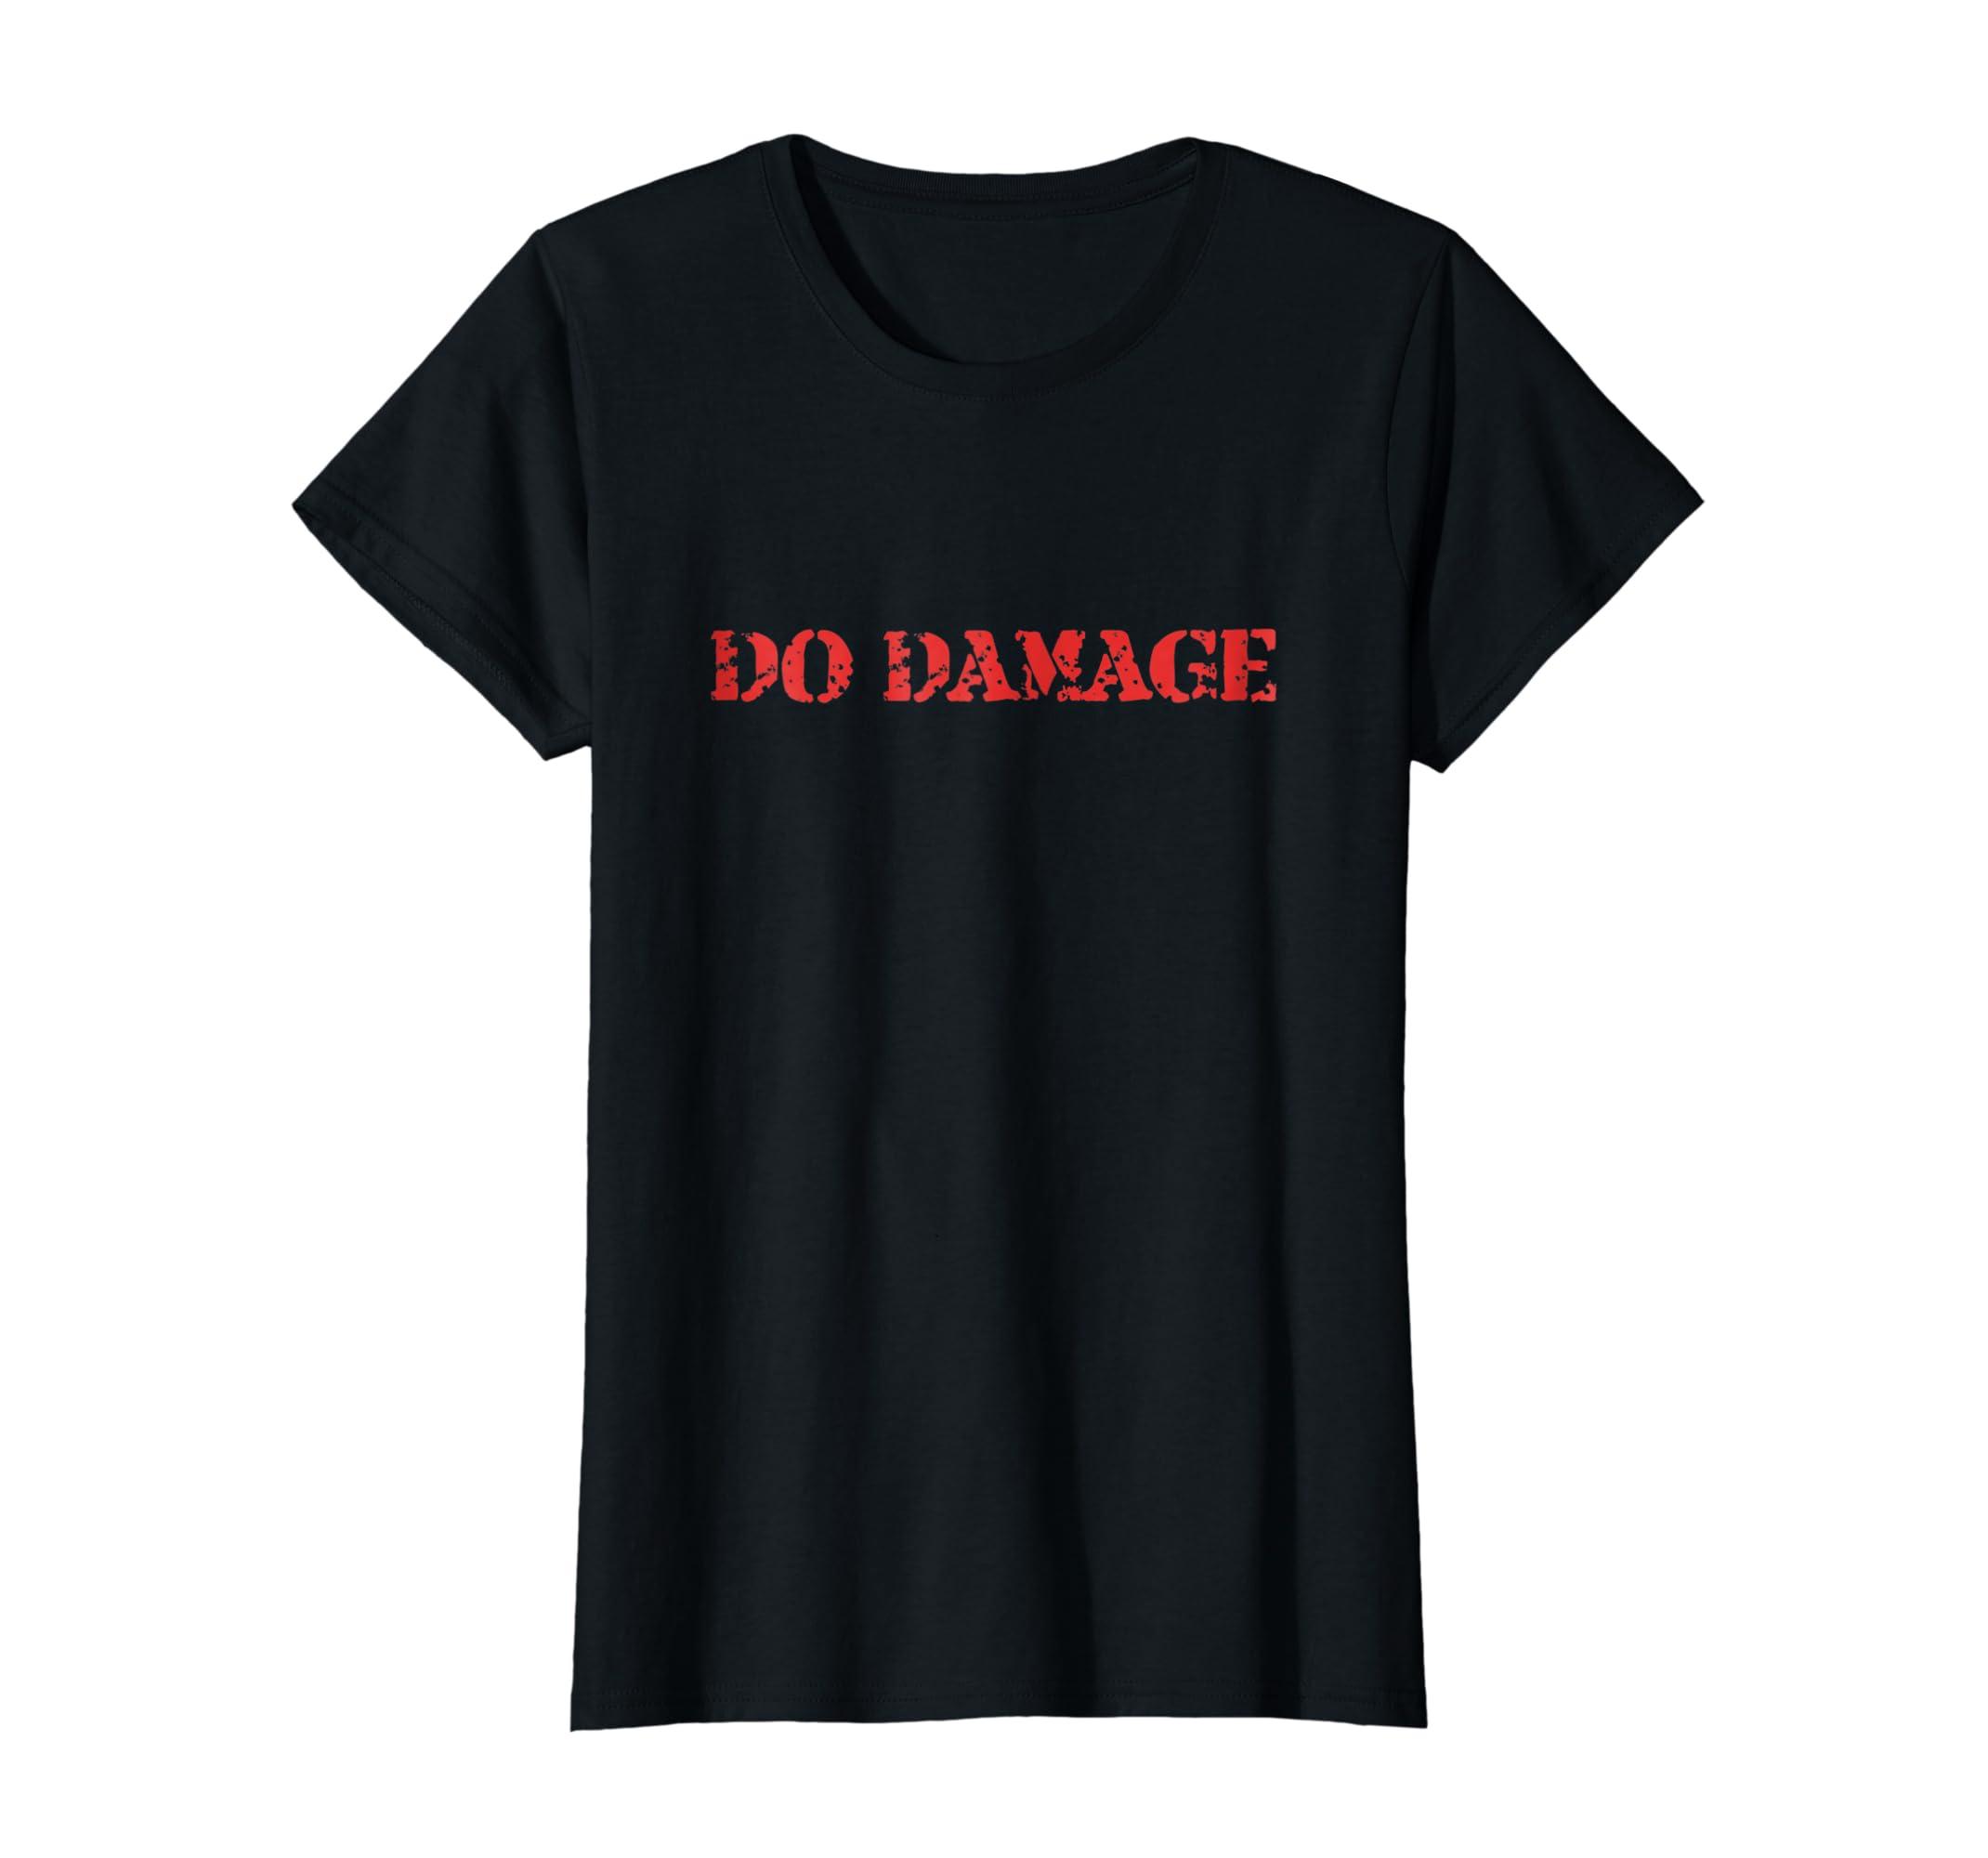 05290982 Amazon.com: Do Damage T Shirt Gift for Boston Baseball Fans: Clothing